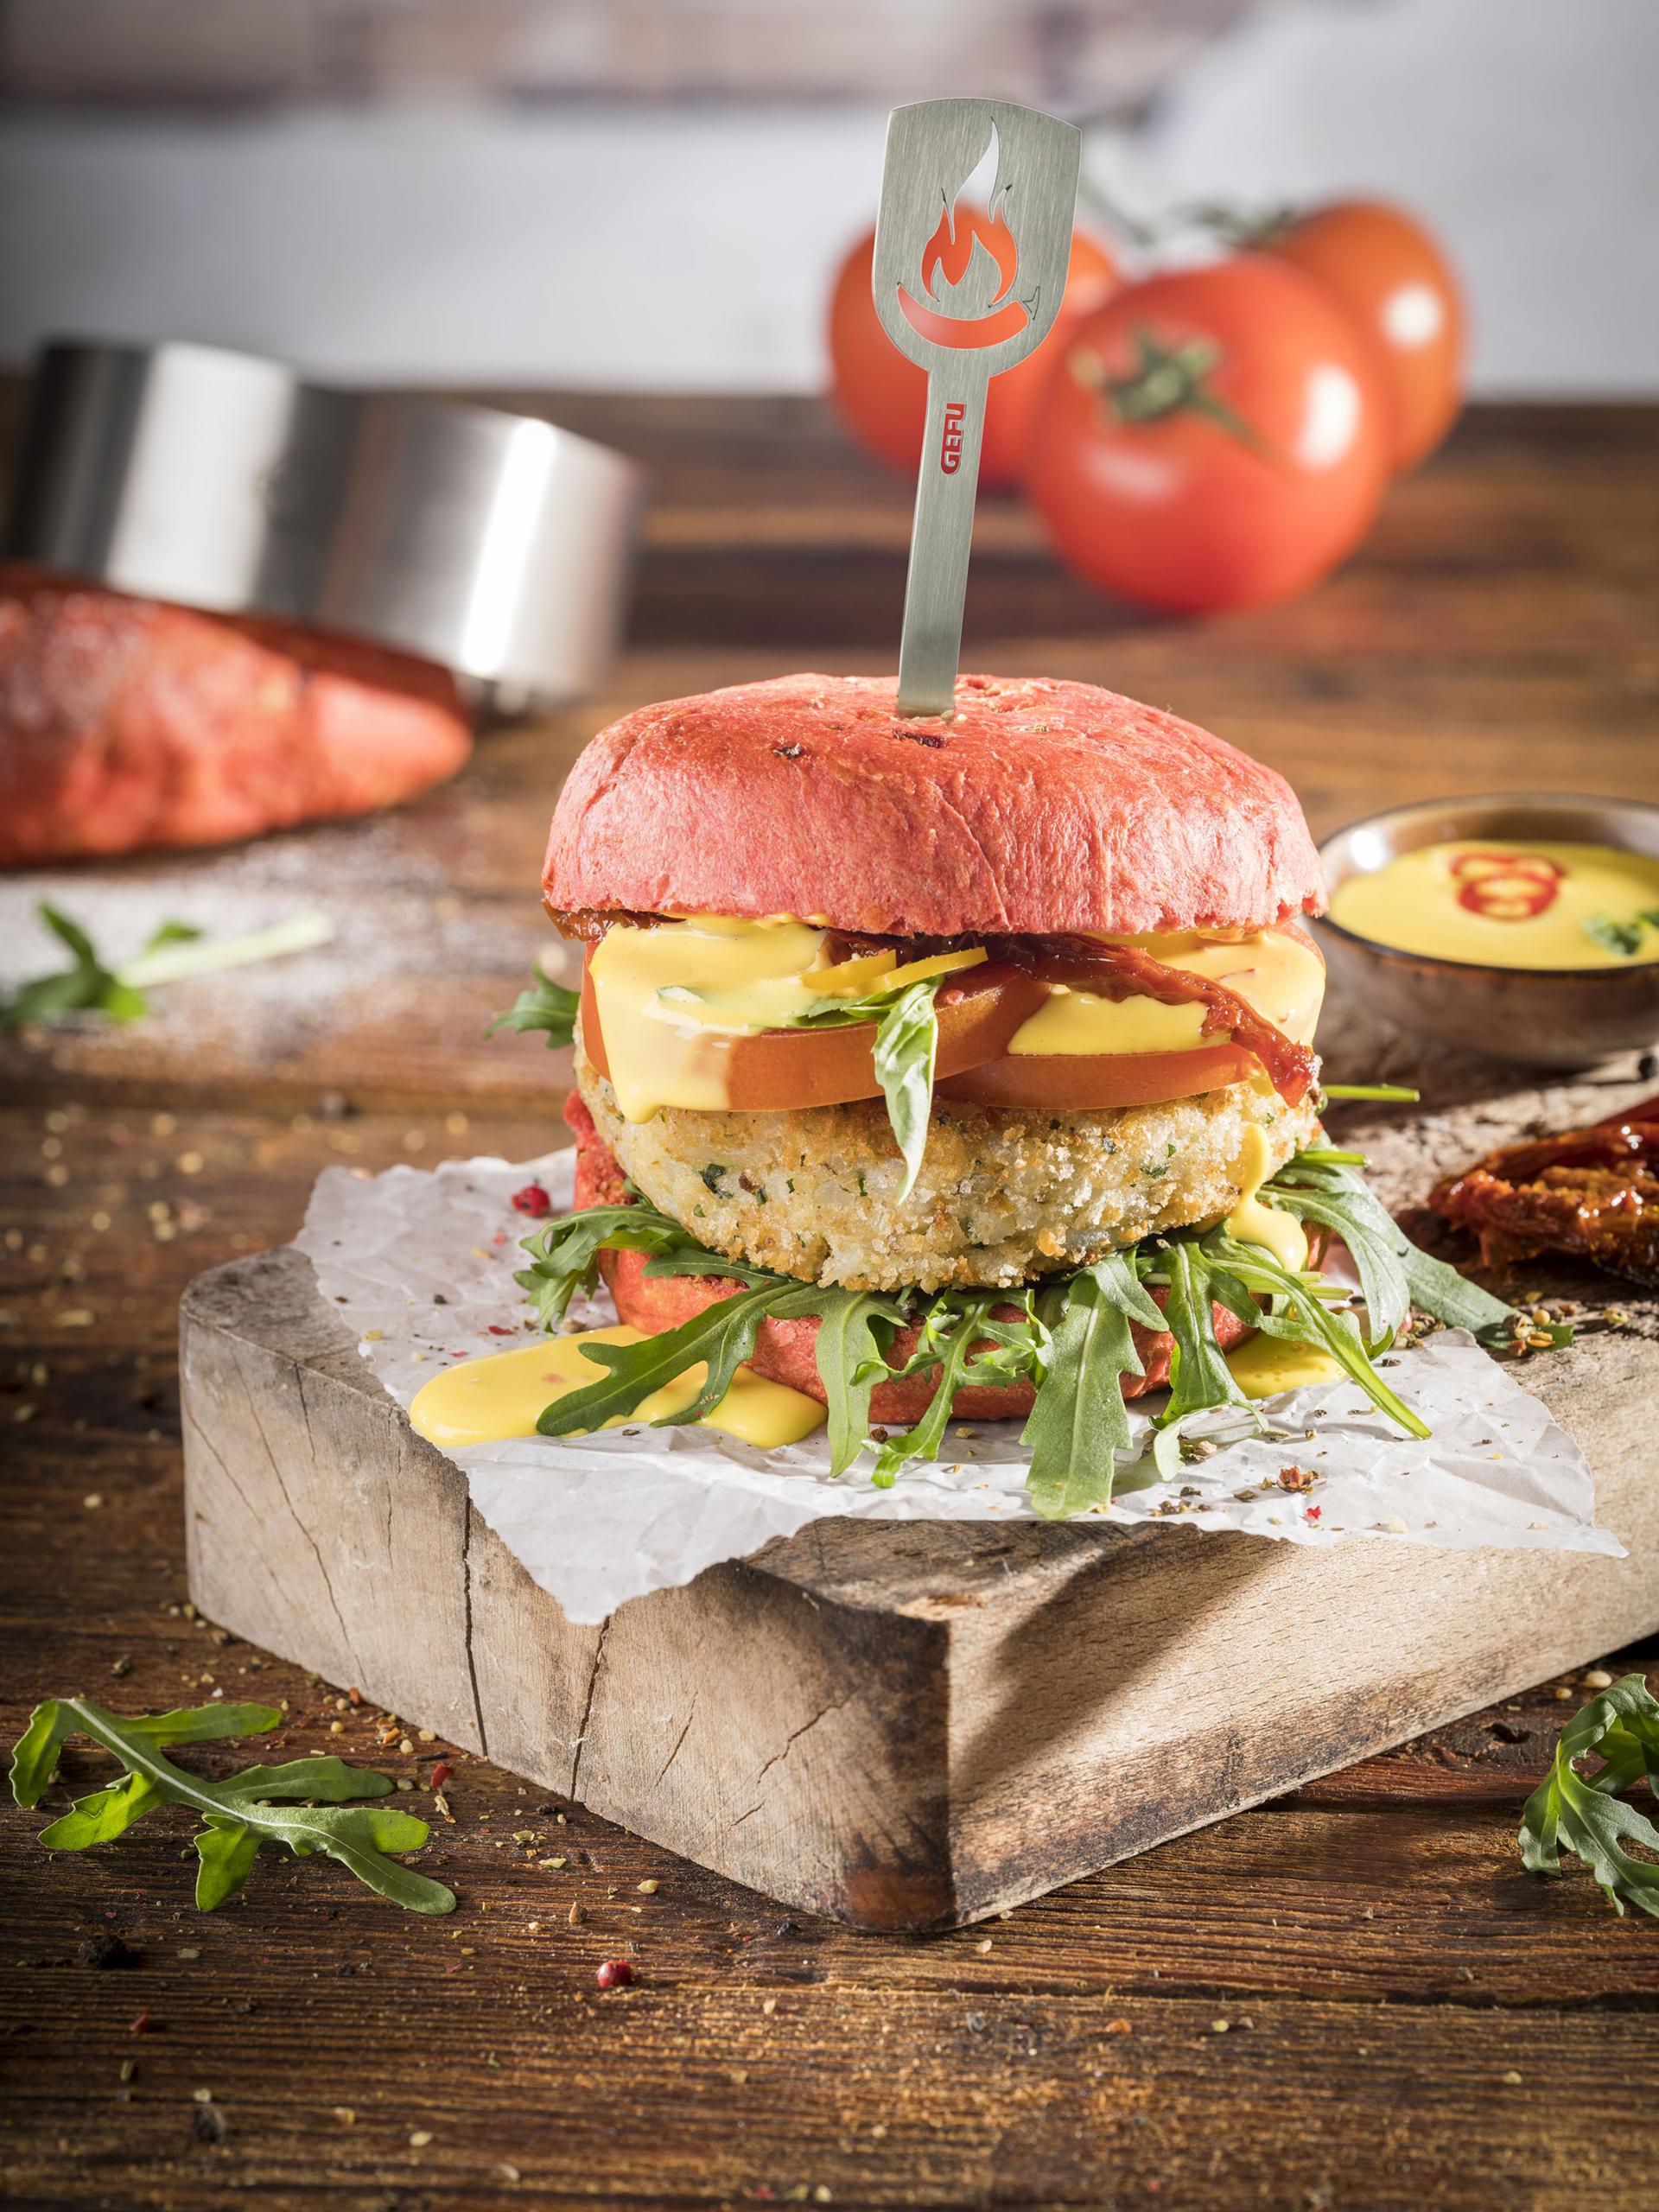 Zum Anbeißen lecker: Vegane Risotto-Burger